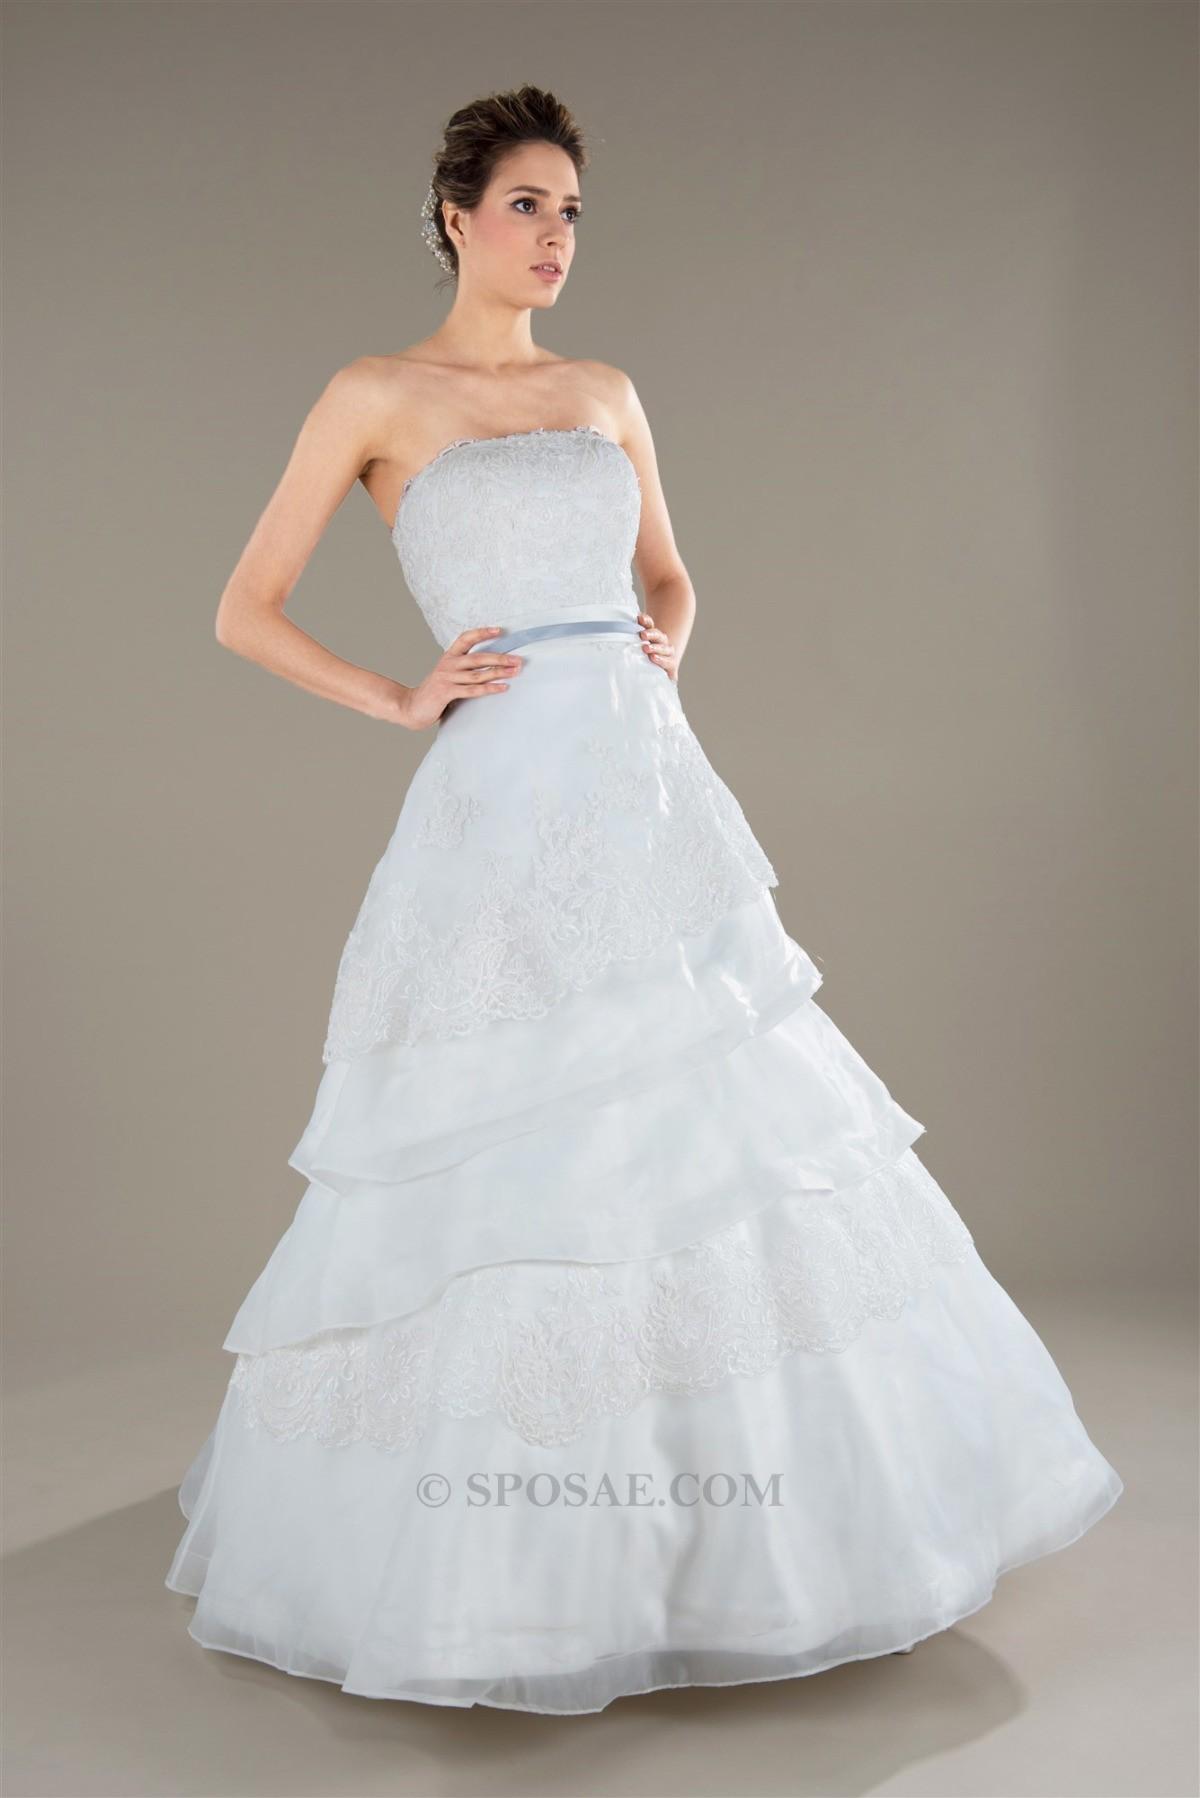 Come indossare l'abito da sposa: i nostri consigli